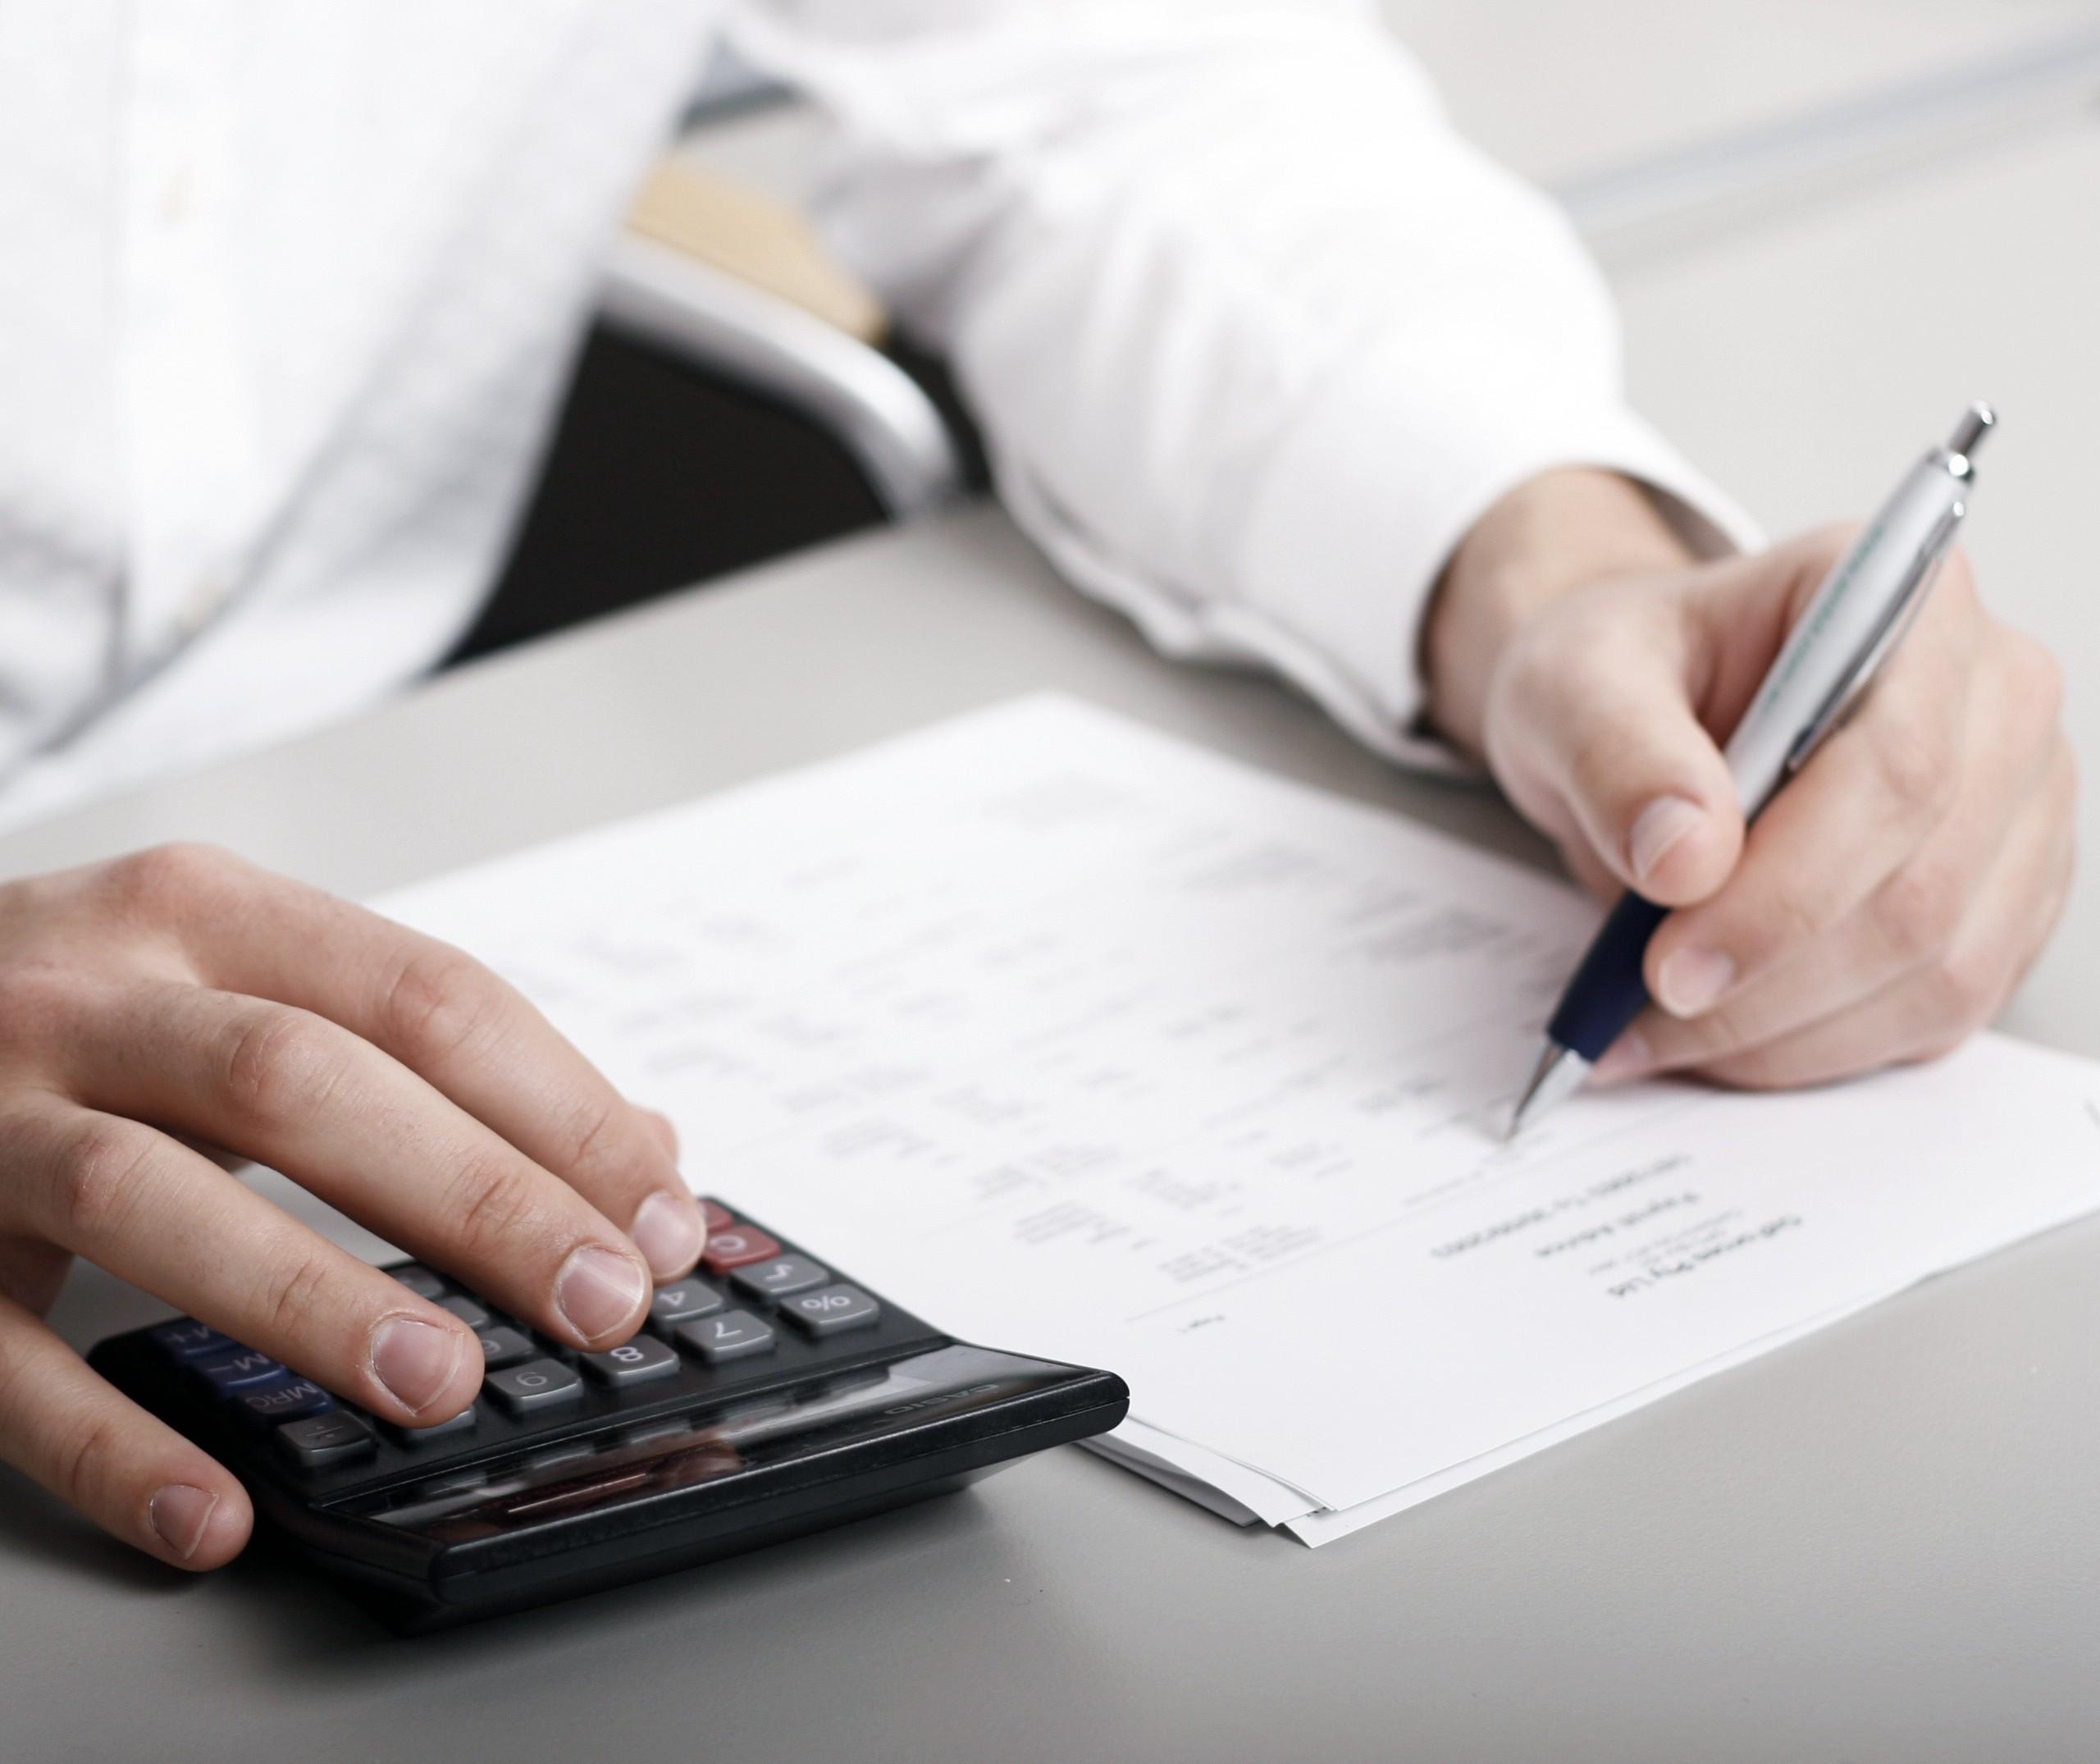 Escola, IPTU, IPVA: quando vale a pena antecipar pagamentos?